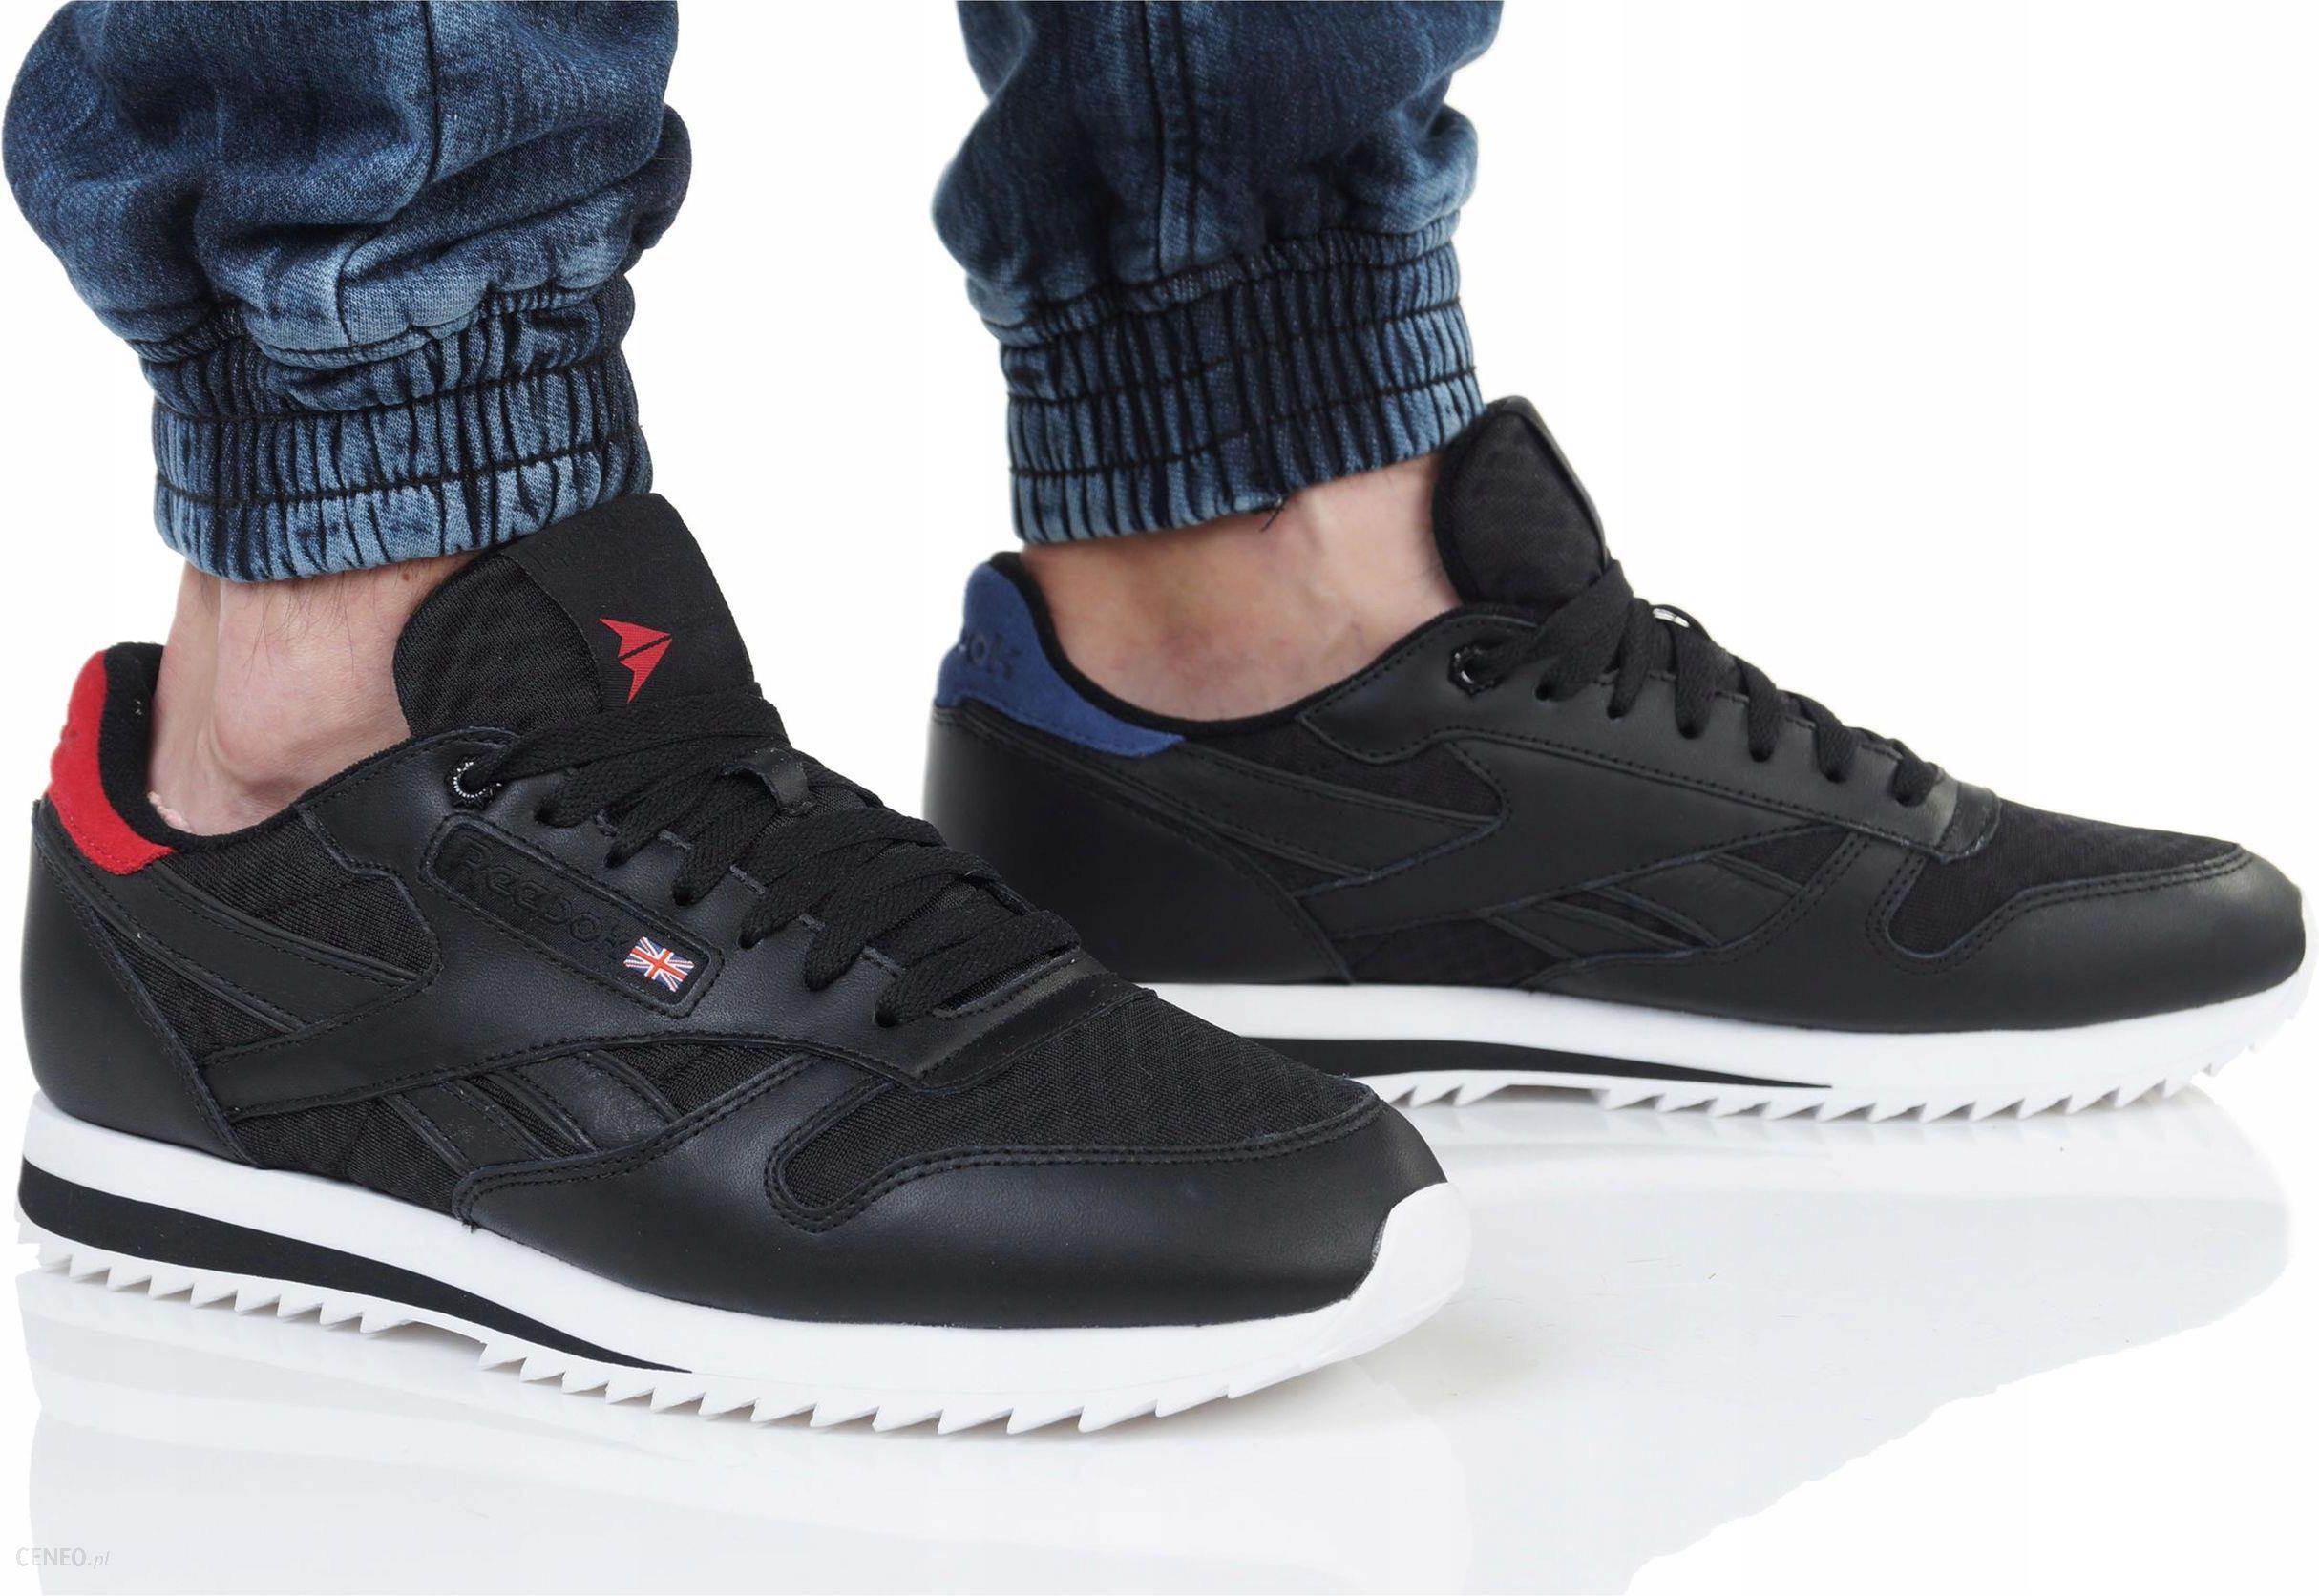 d179e5b70c9 Buty Reebok CL Leather Hc CM9669 Czarne R. 41 - Ceny i opinie - Ceneo.pl